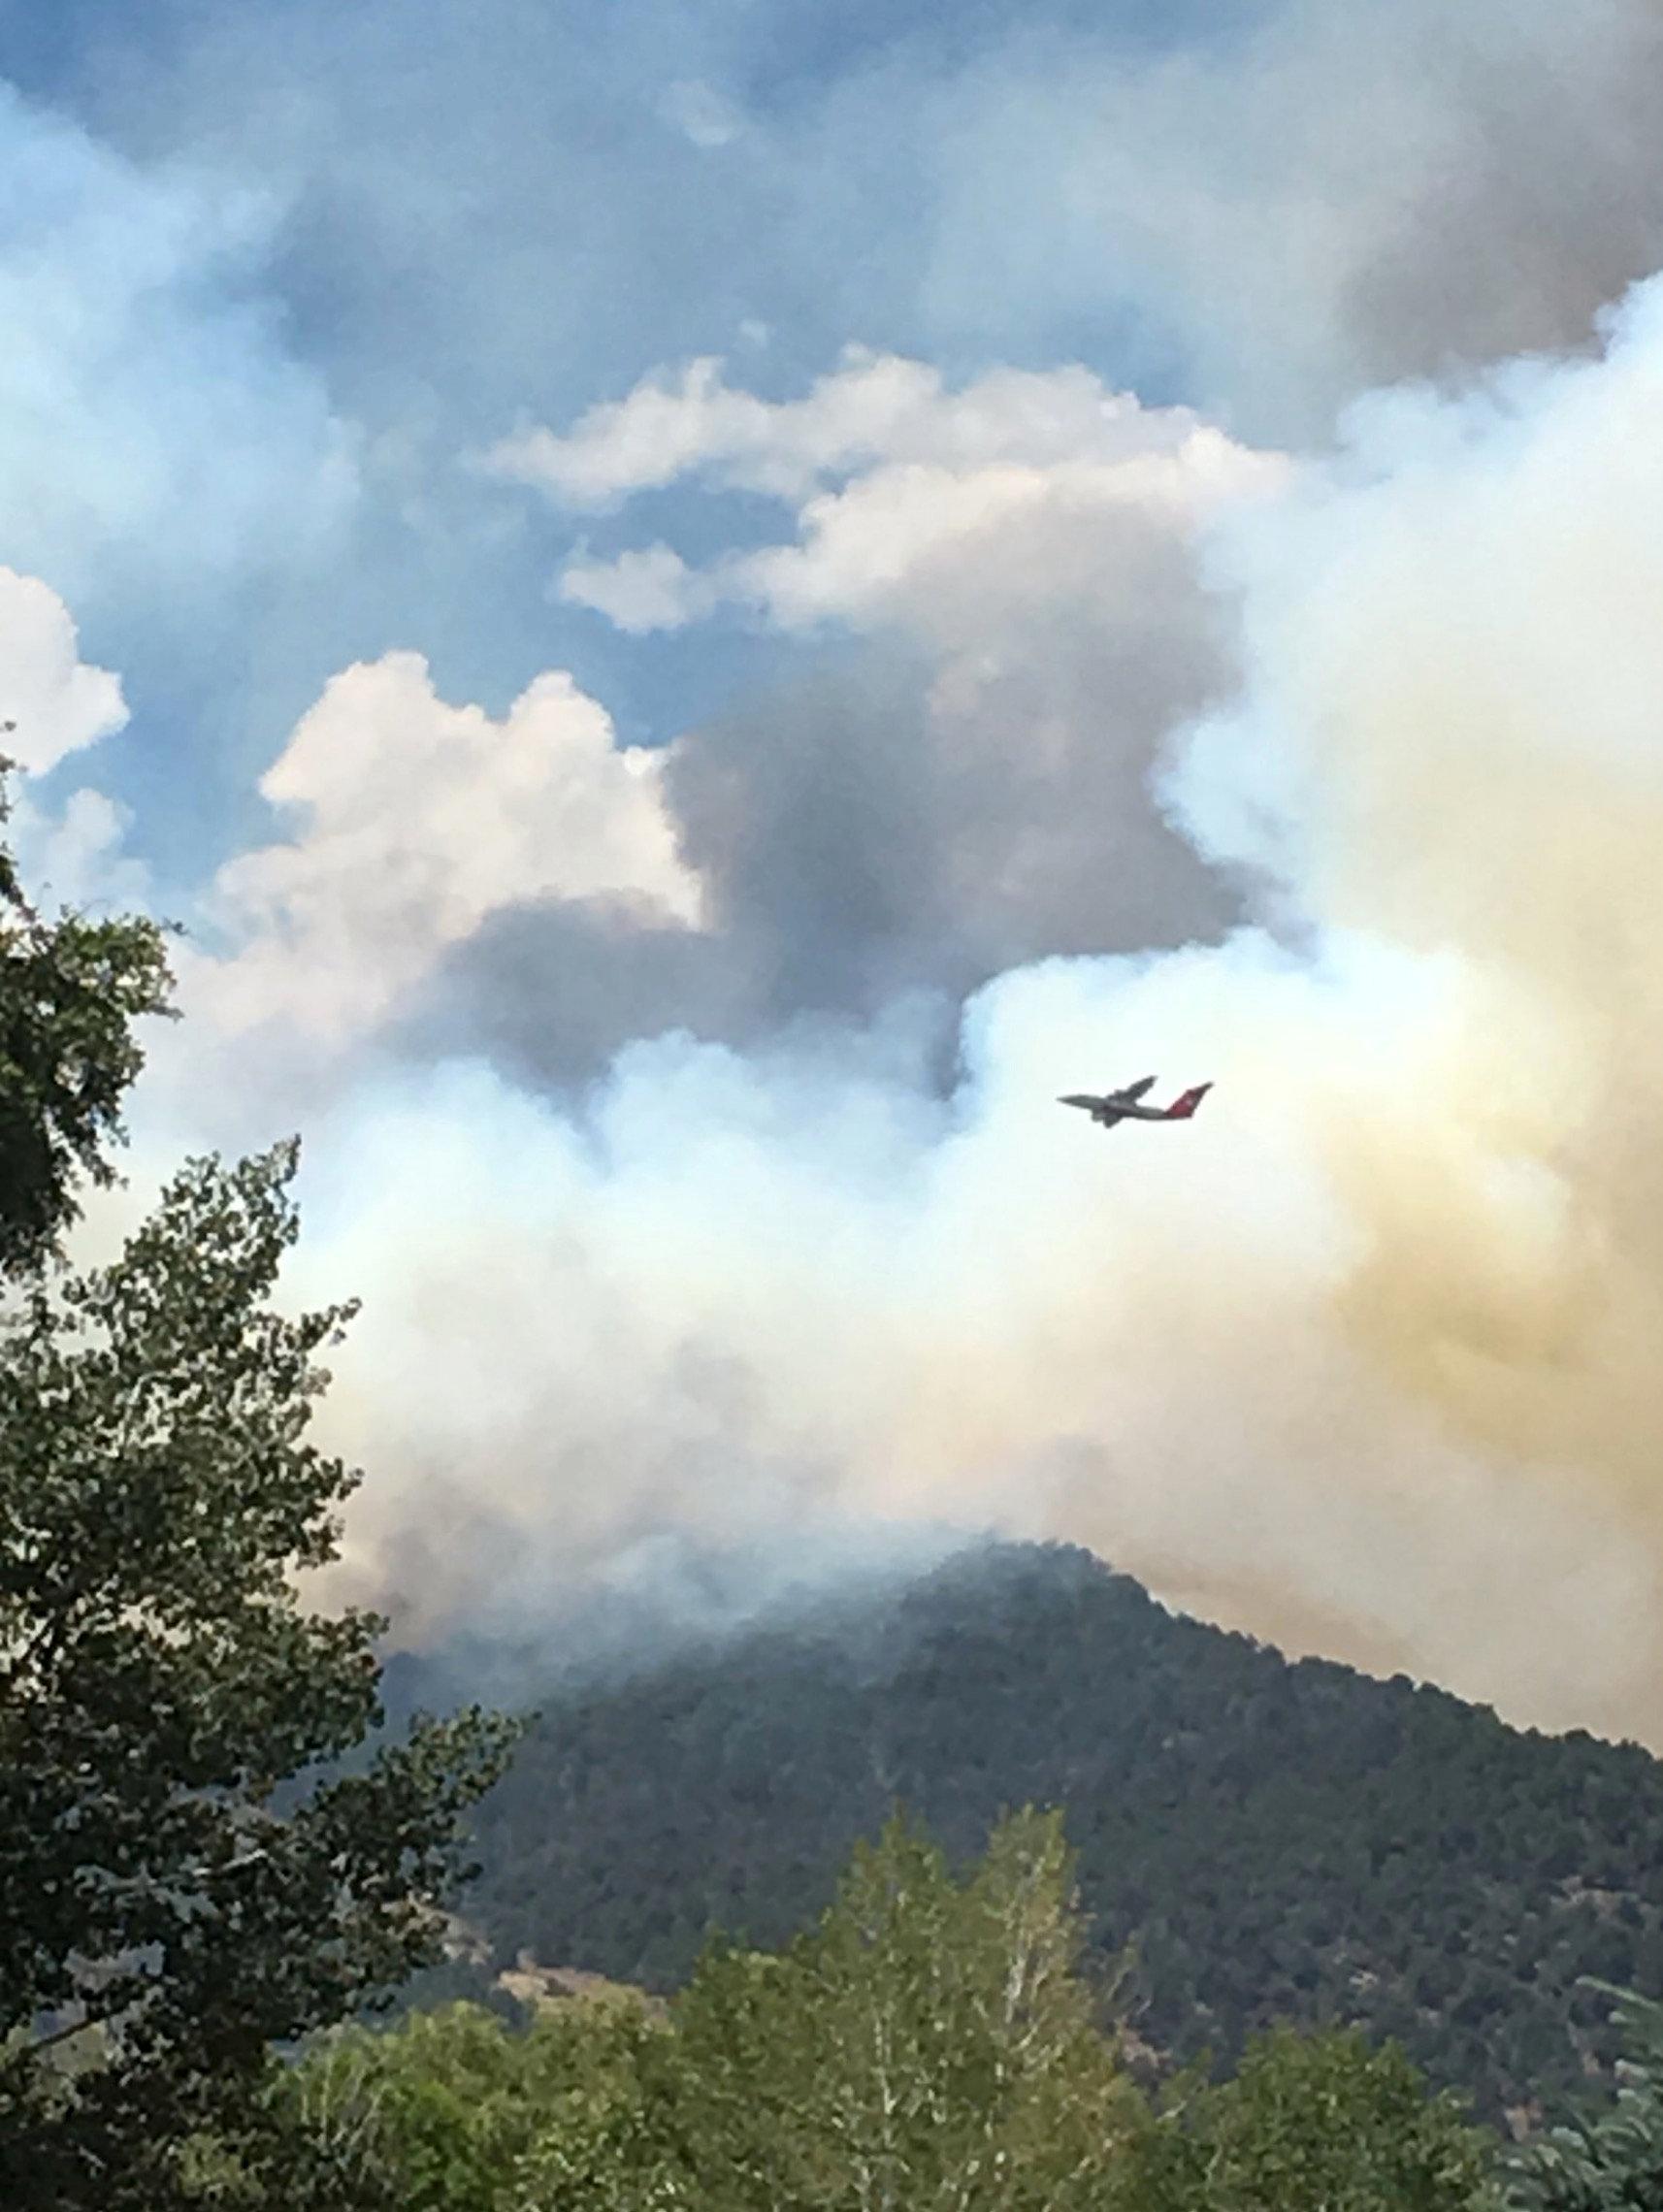 حرائق الغابات فى ولاية كولورادو